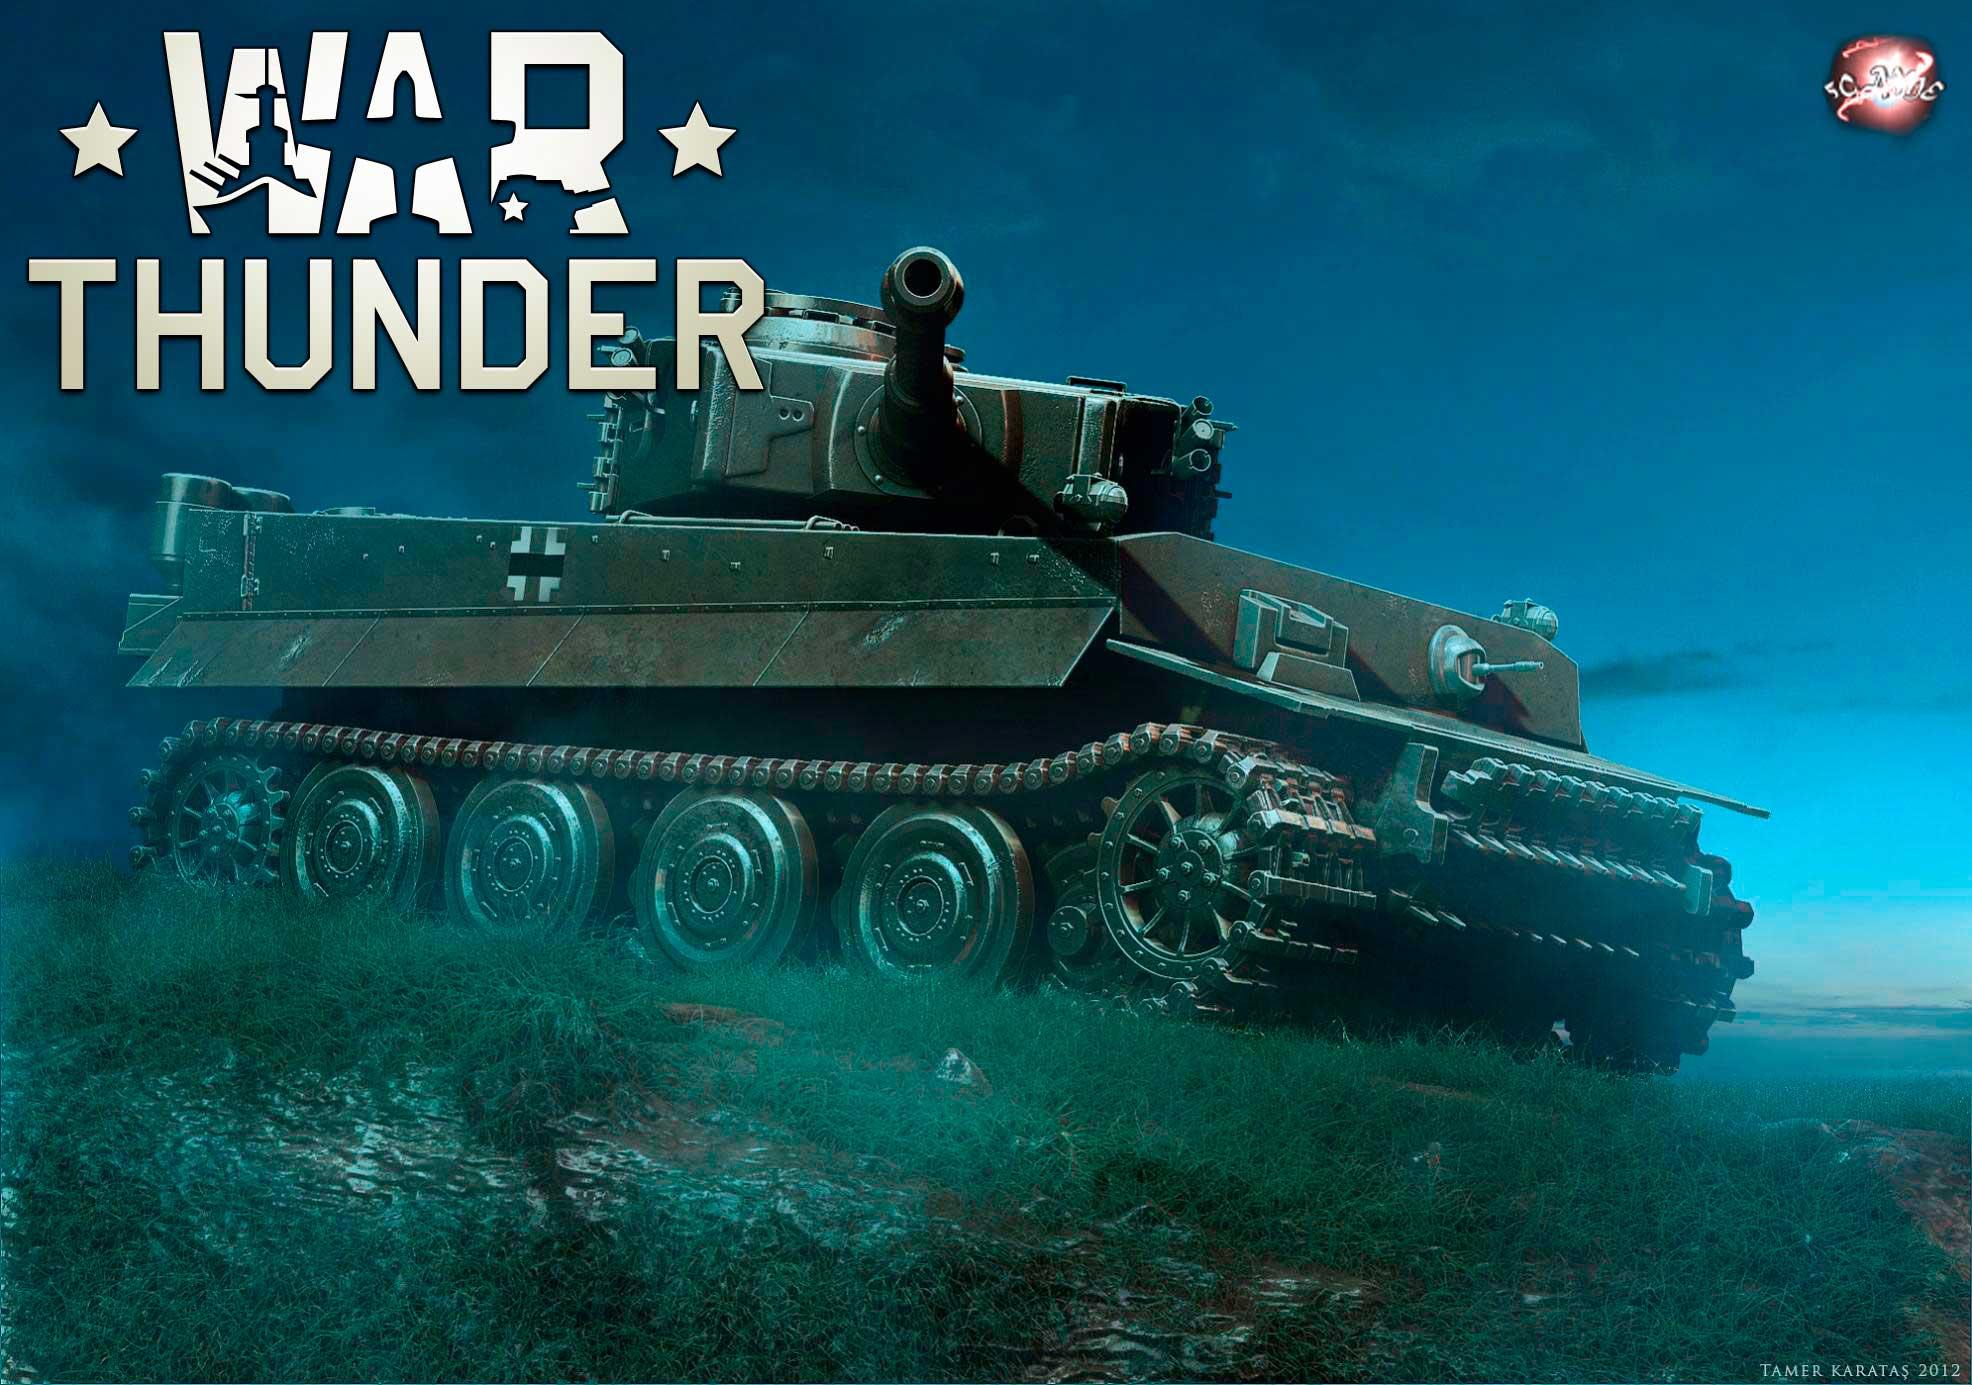 Играть в игру War Thunder можно бесплатно